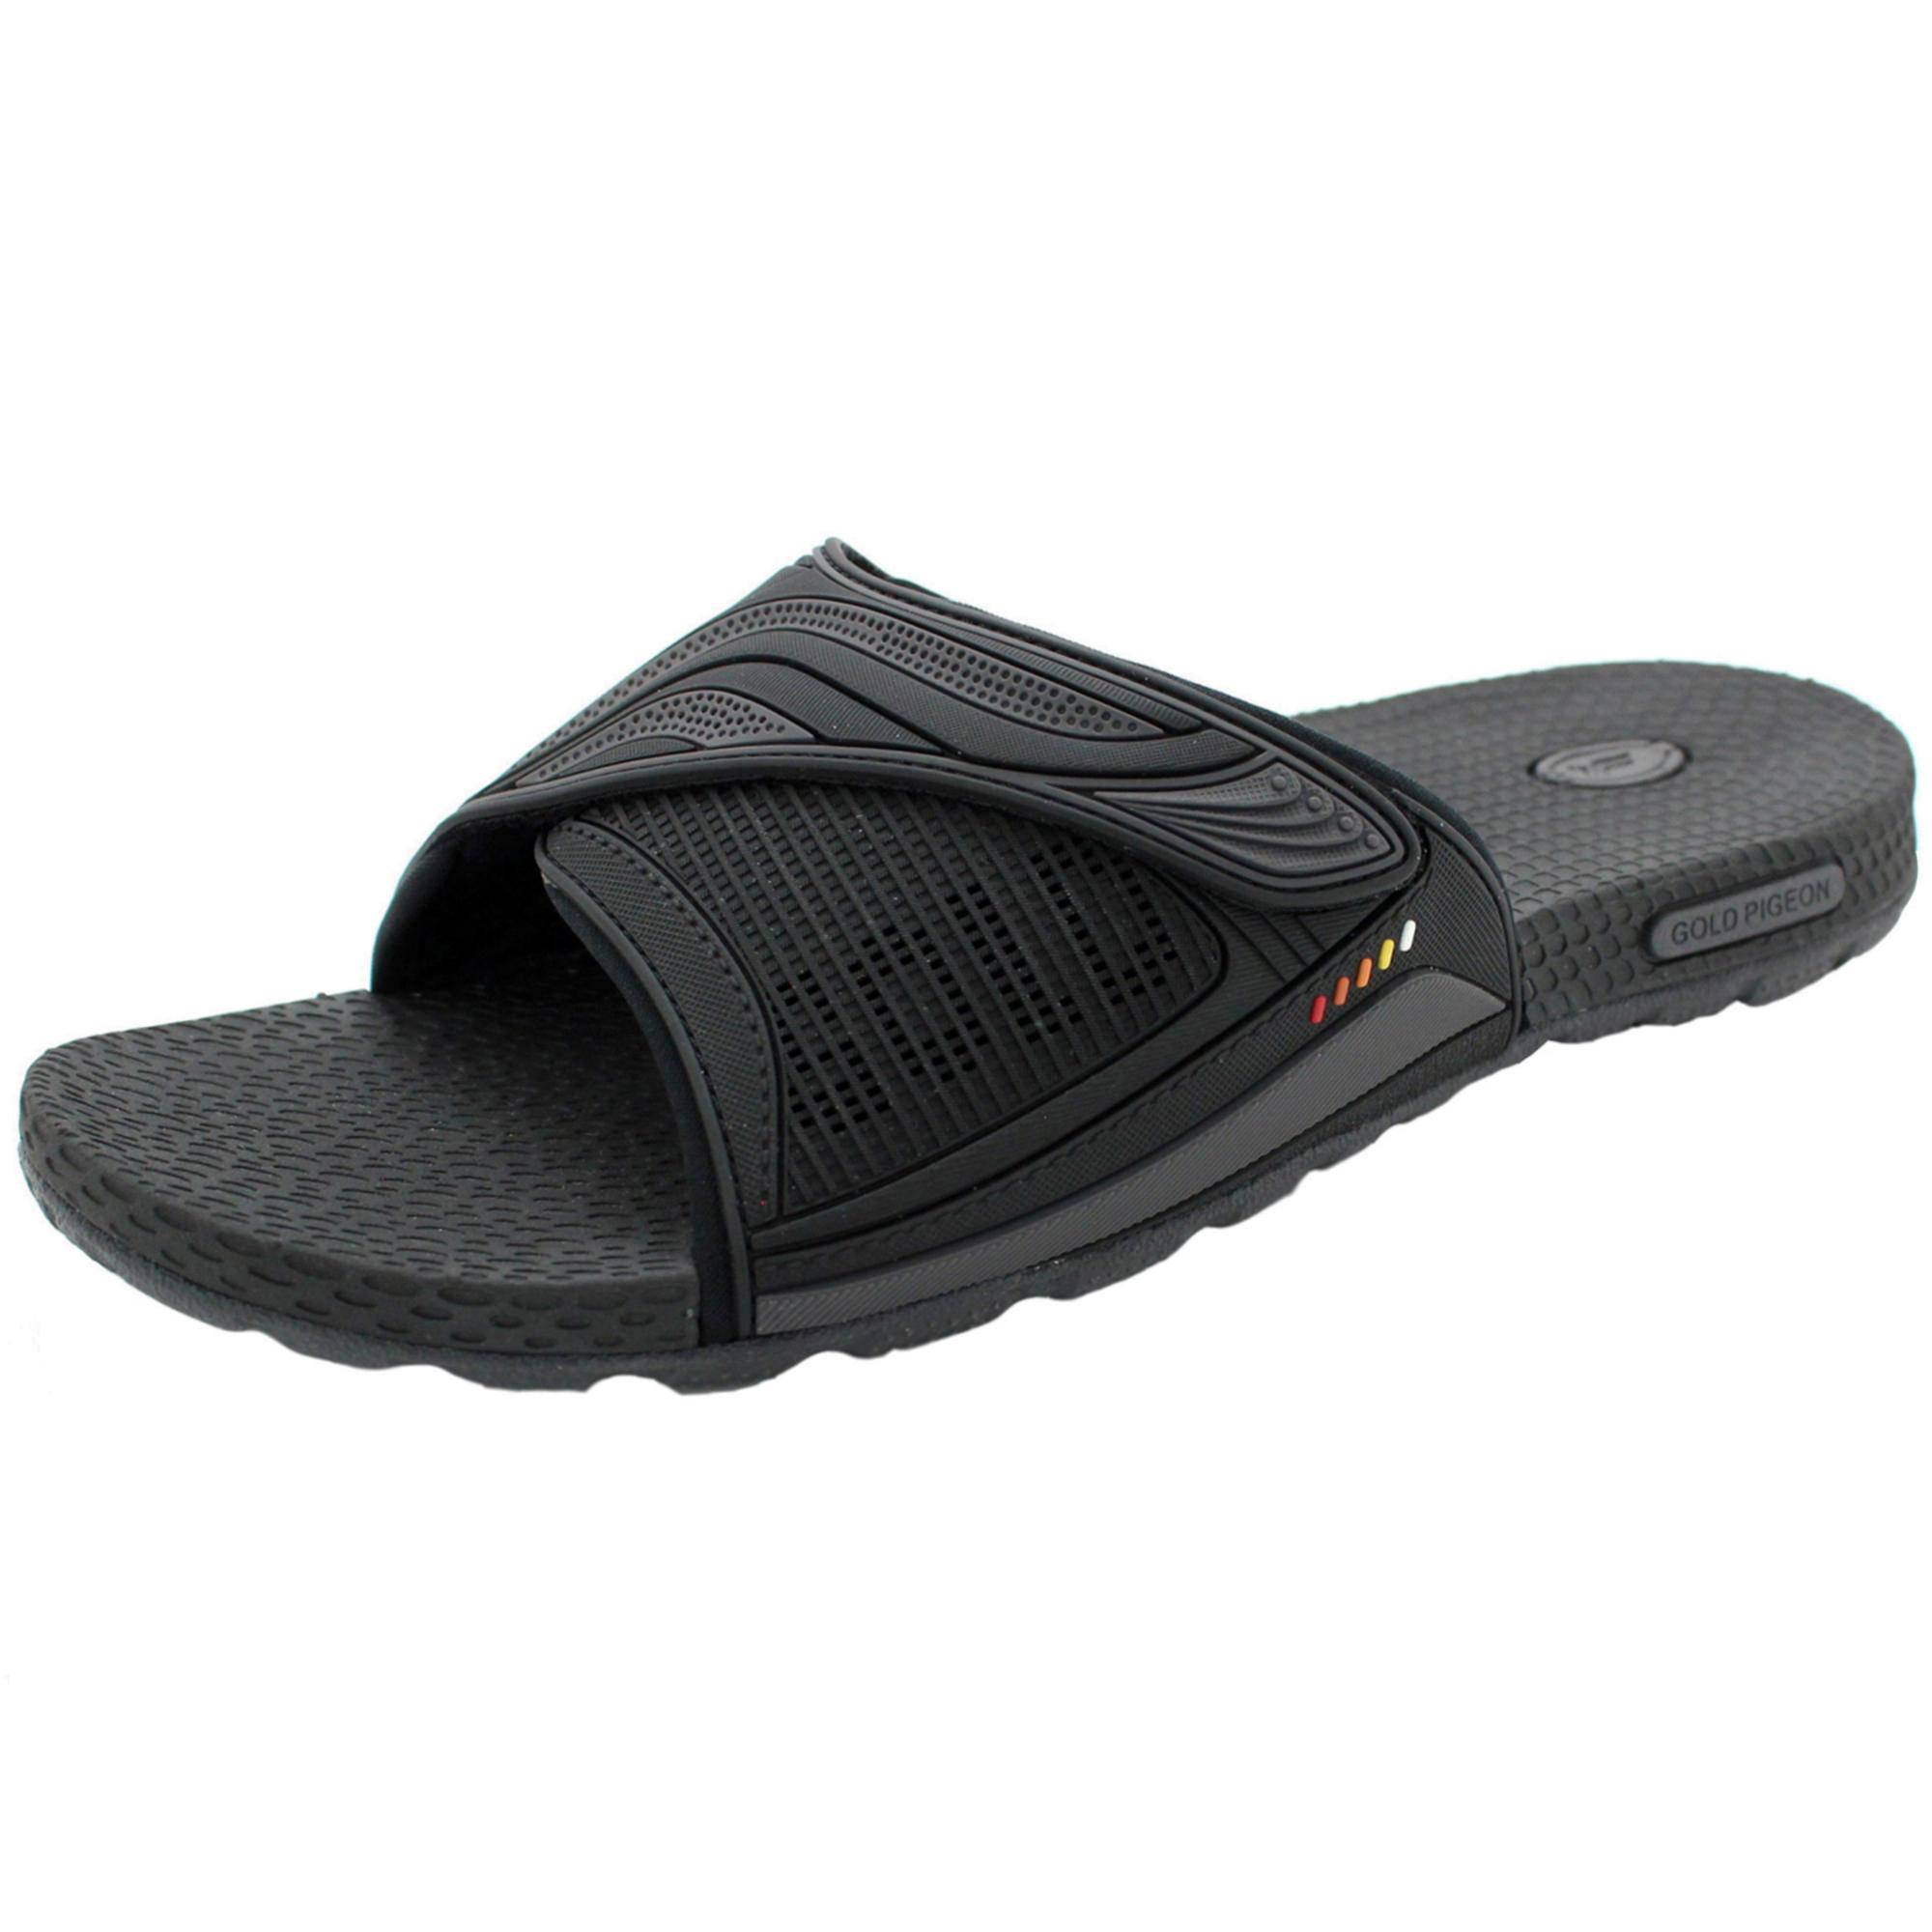 Simplus+ Ultra Light Slide Sandals for